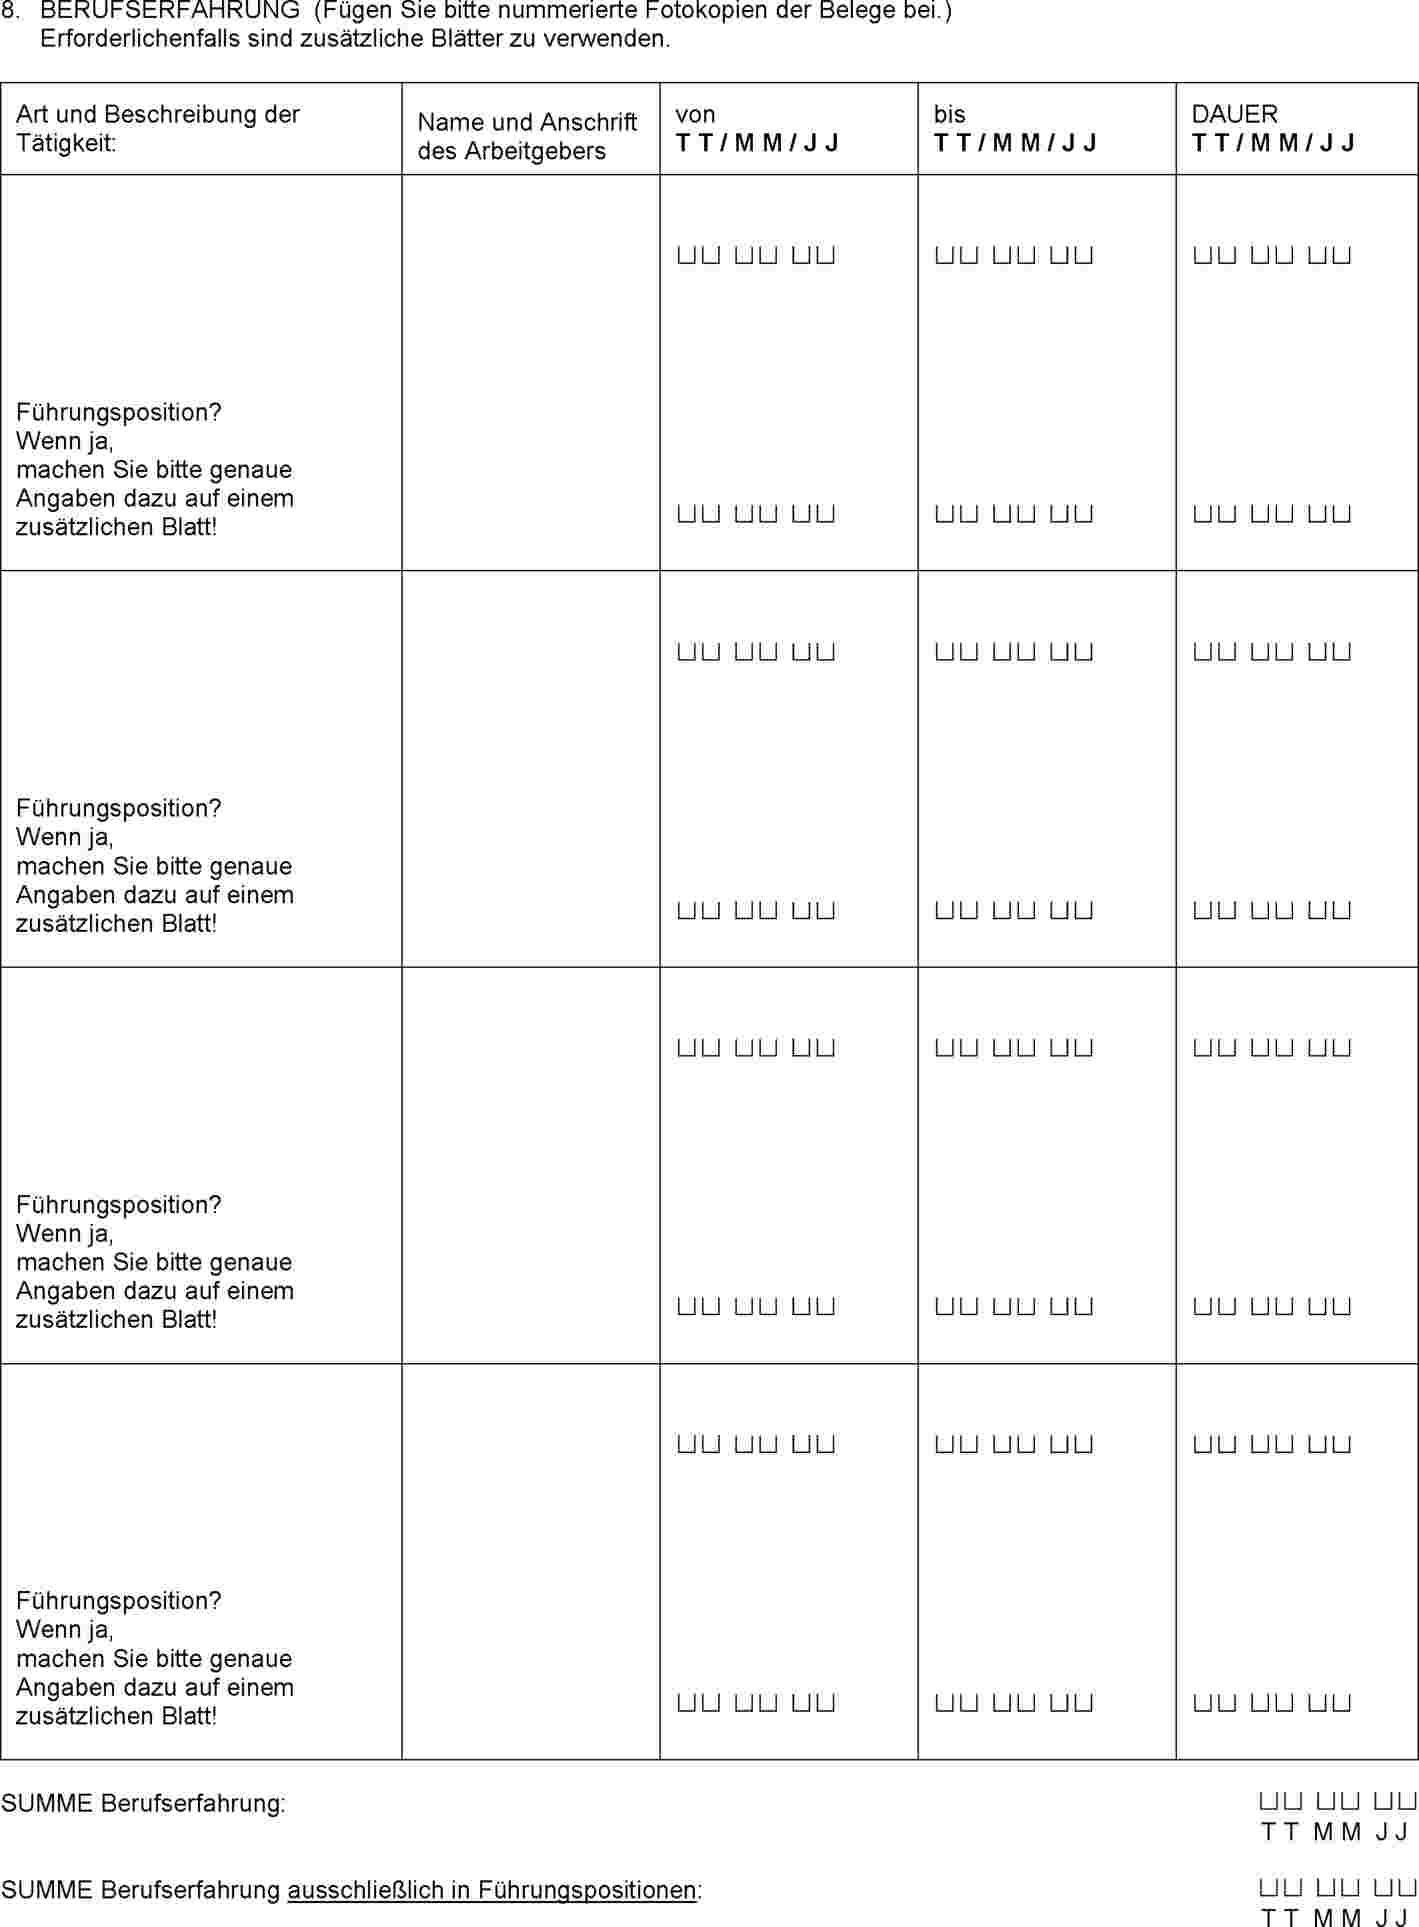 EUR-Lex - C2014/026A/01 - EN - EUR-Lex